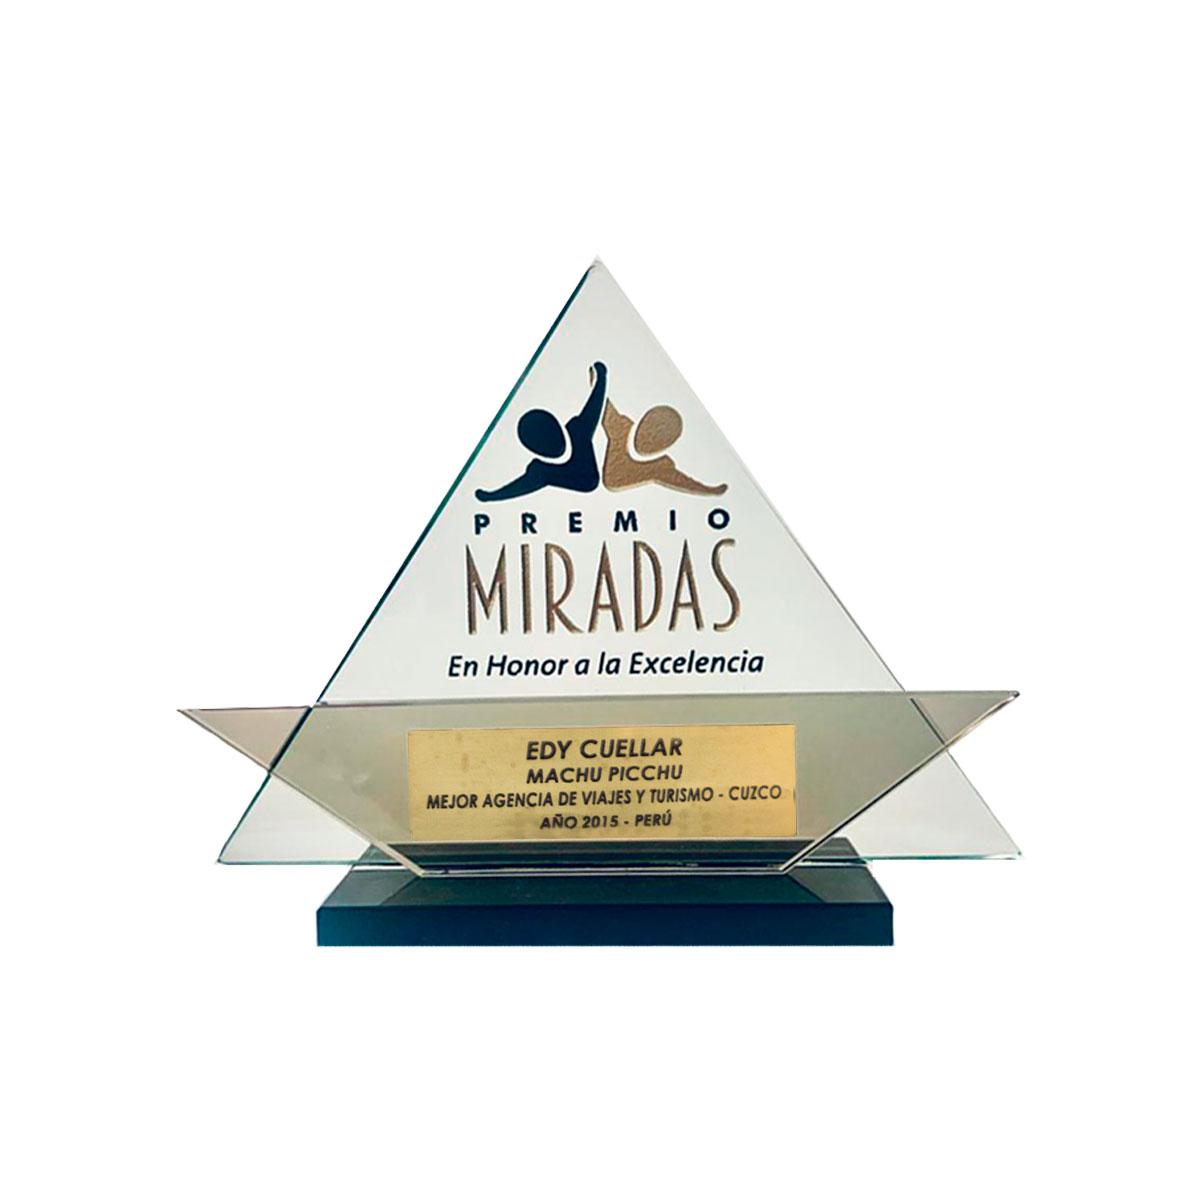 Premio Miradas en honor a la excelencia 2015